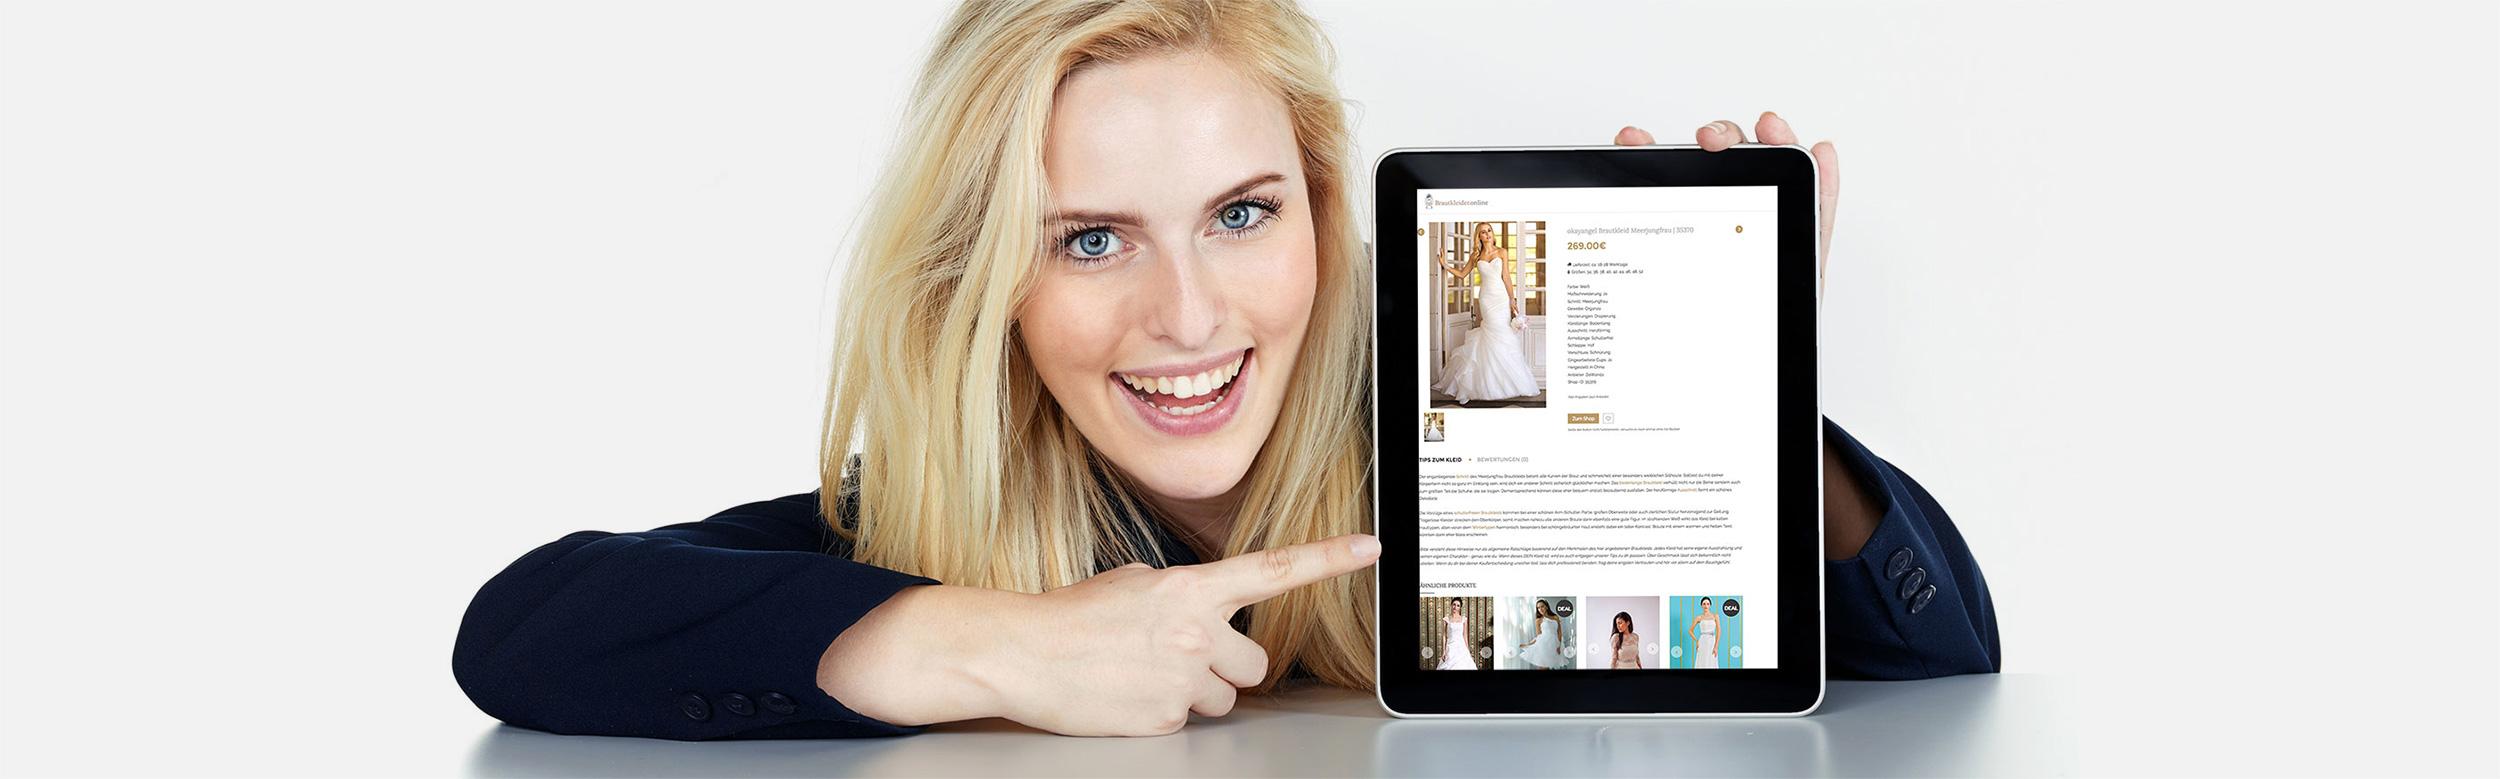 Brautkleid verkaufen | kostenlos & provisionsfrei | Brautkleider.online